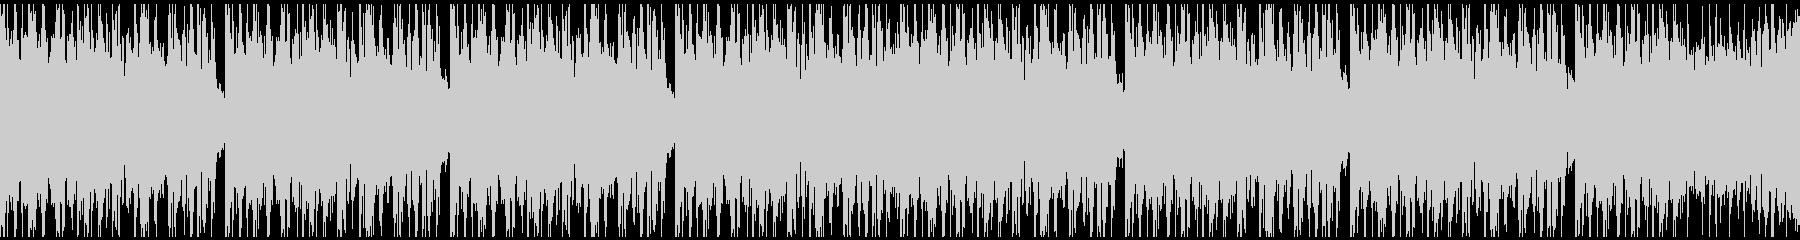 [ループ]ダンスミュージック2 30秒の未再生の波形